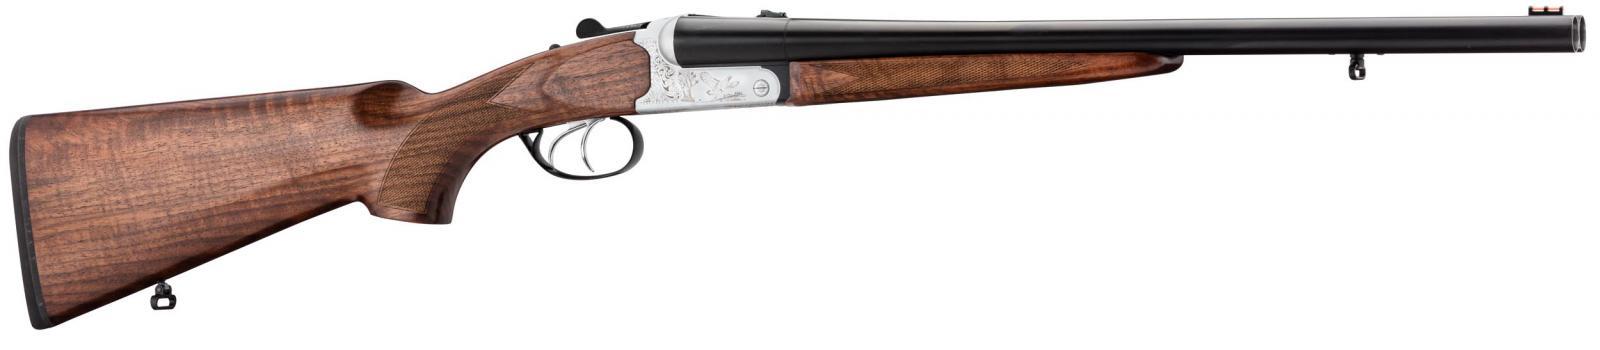 Fusil juxtaposés slug YILDIZ Elegant A3T Cal. 12/76